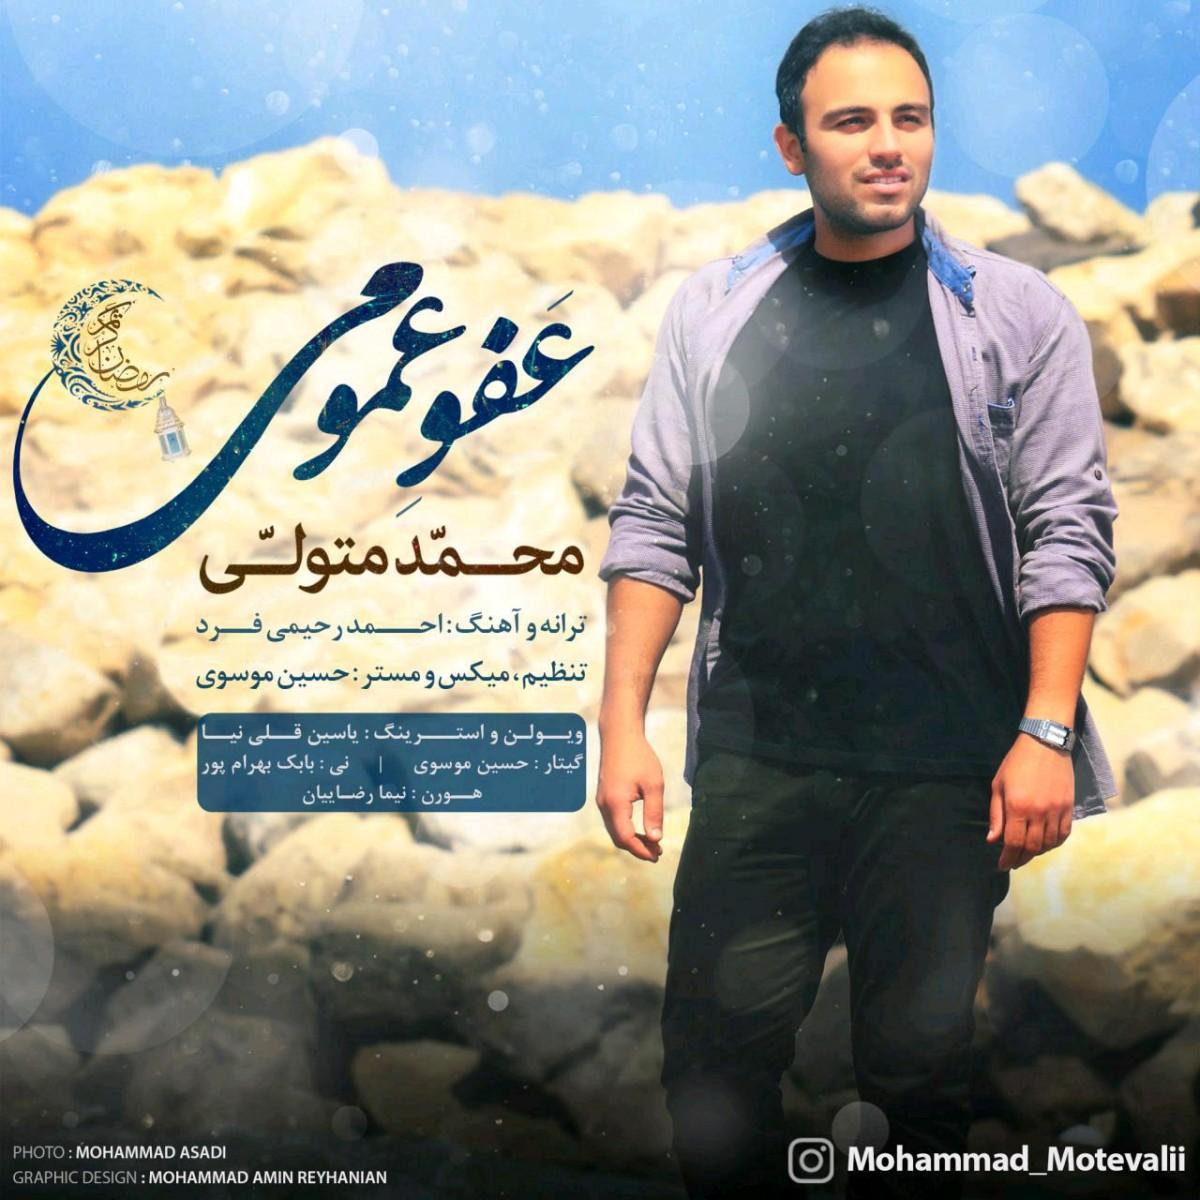 نامبر وان موزیک | دانلود آهنگ جدید Mohammad-Motevalli-Afve-Omumi